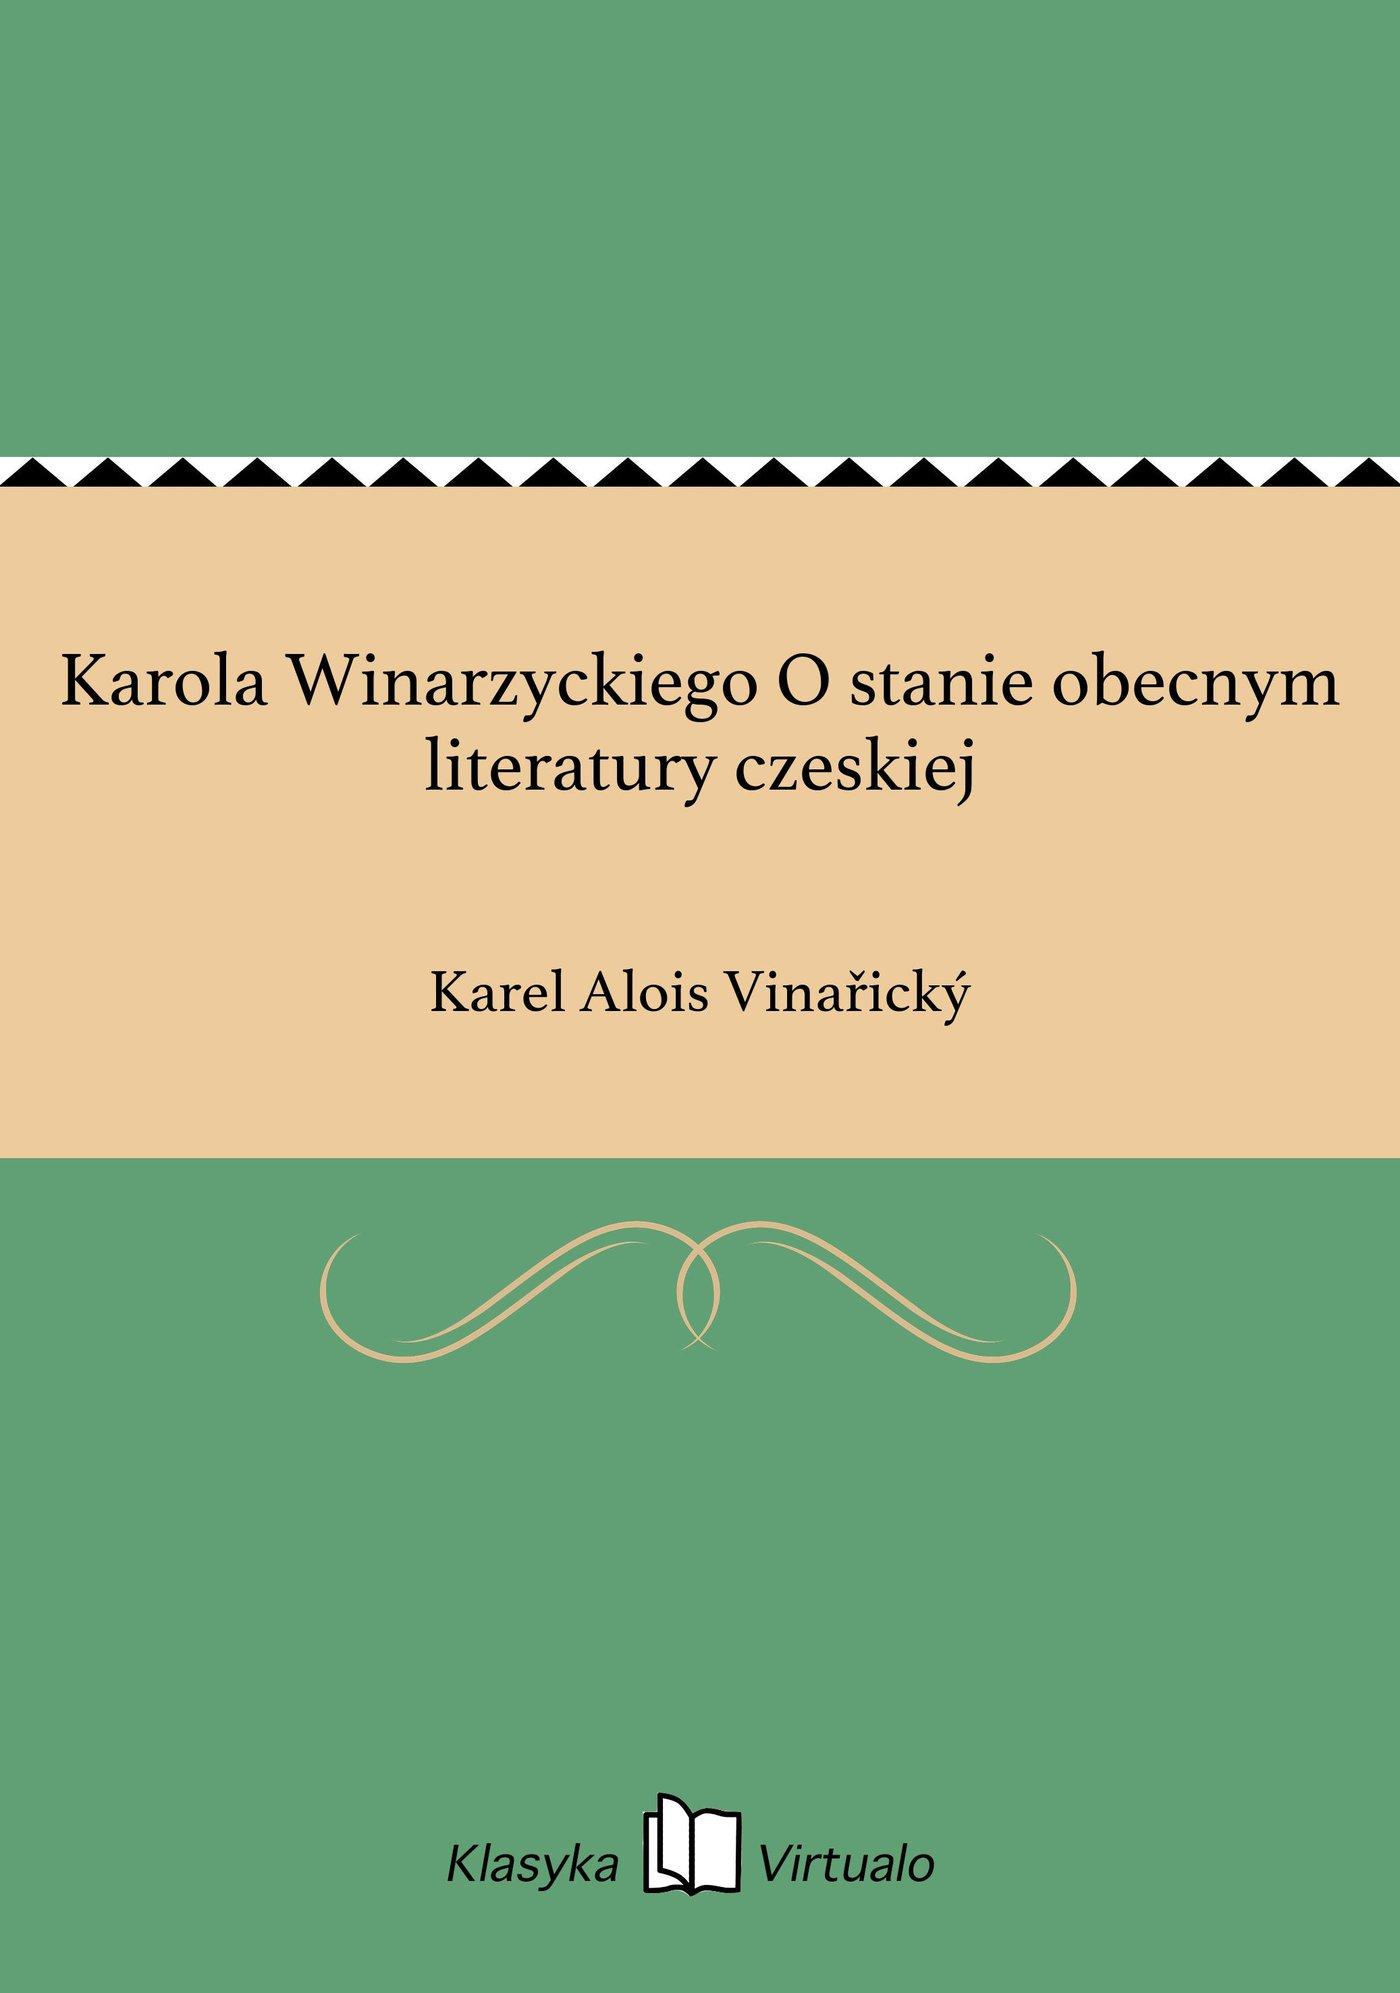 Karola Winarzyckiego O stanie obecnym literatury czeskiej - Ebook (Książka na Kindle) do pobrania w formacie MOBI